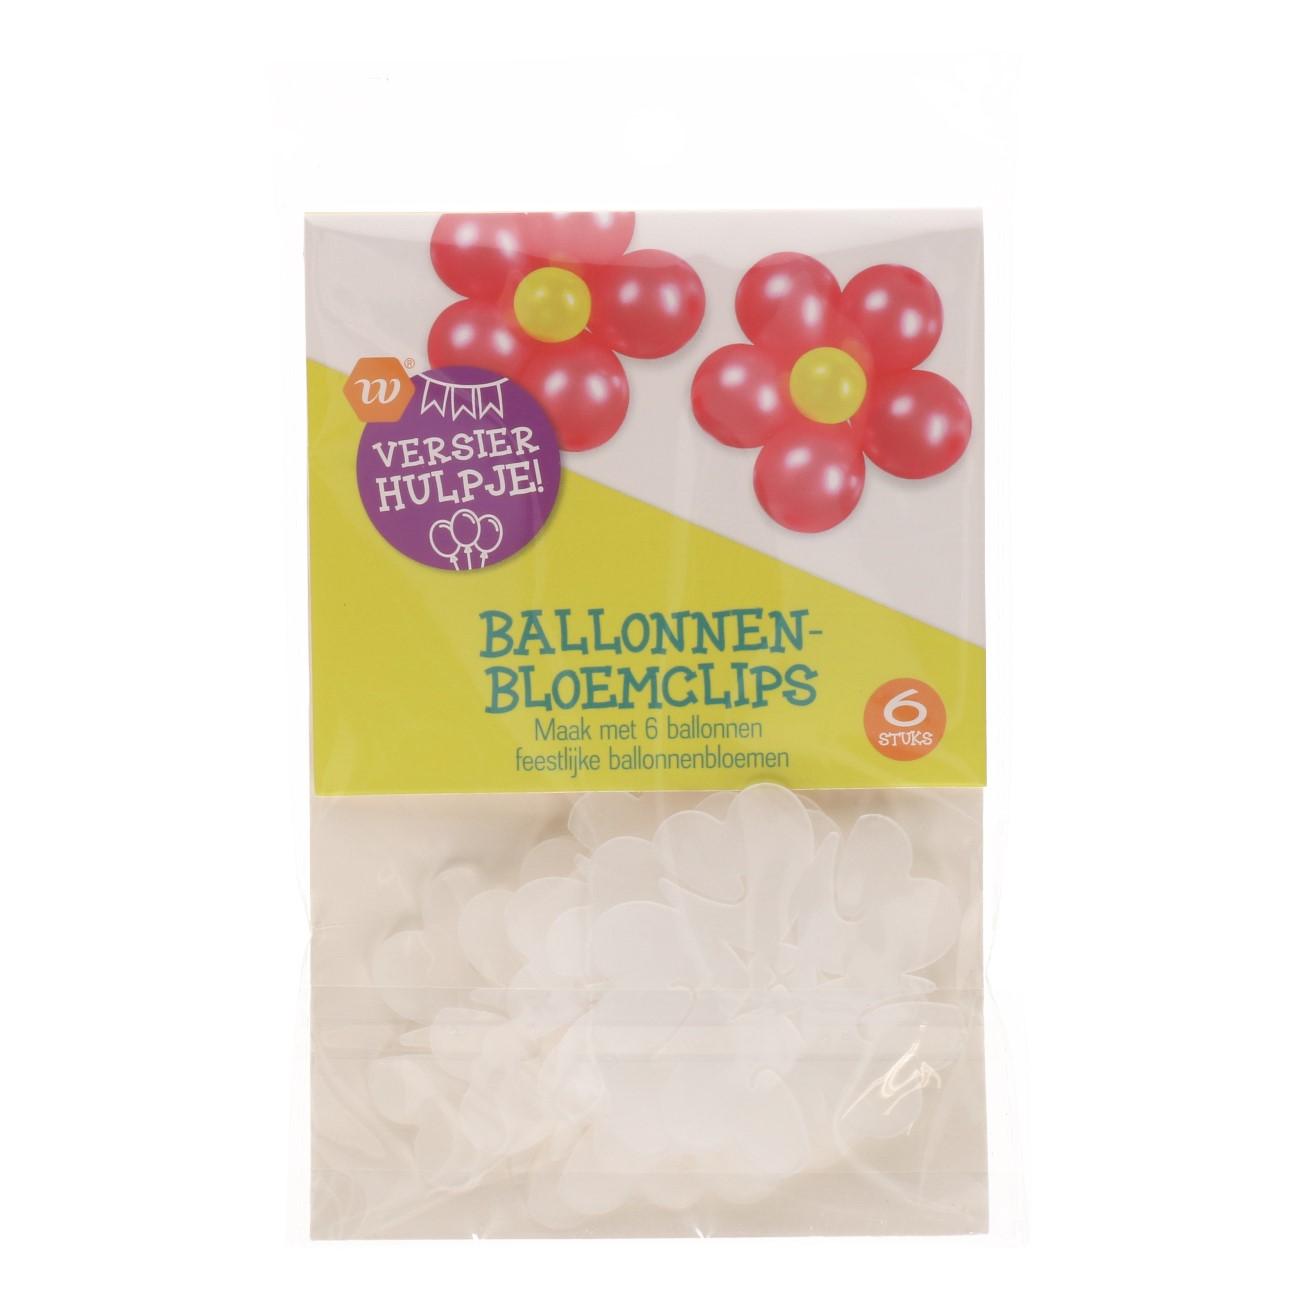 Ballonnen-bloemclips